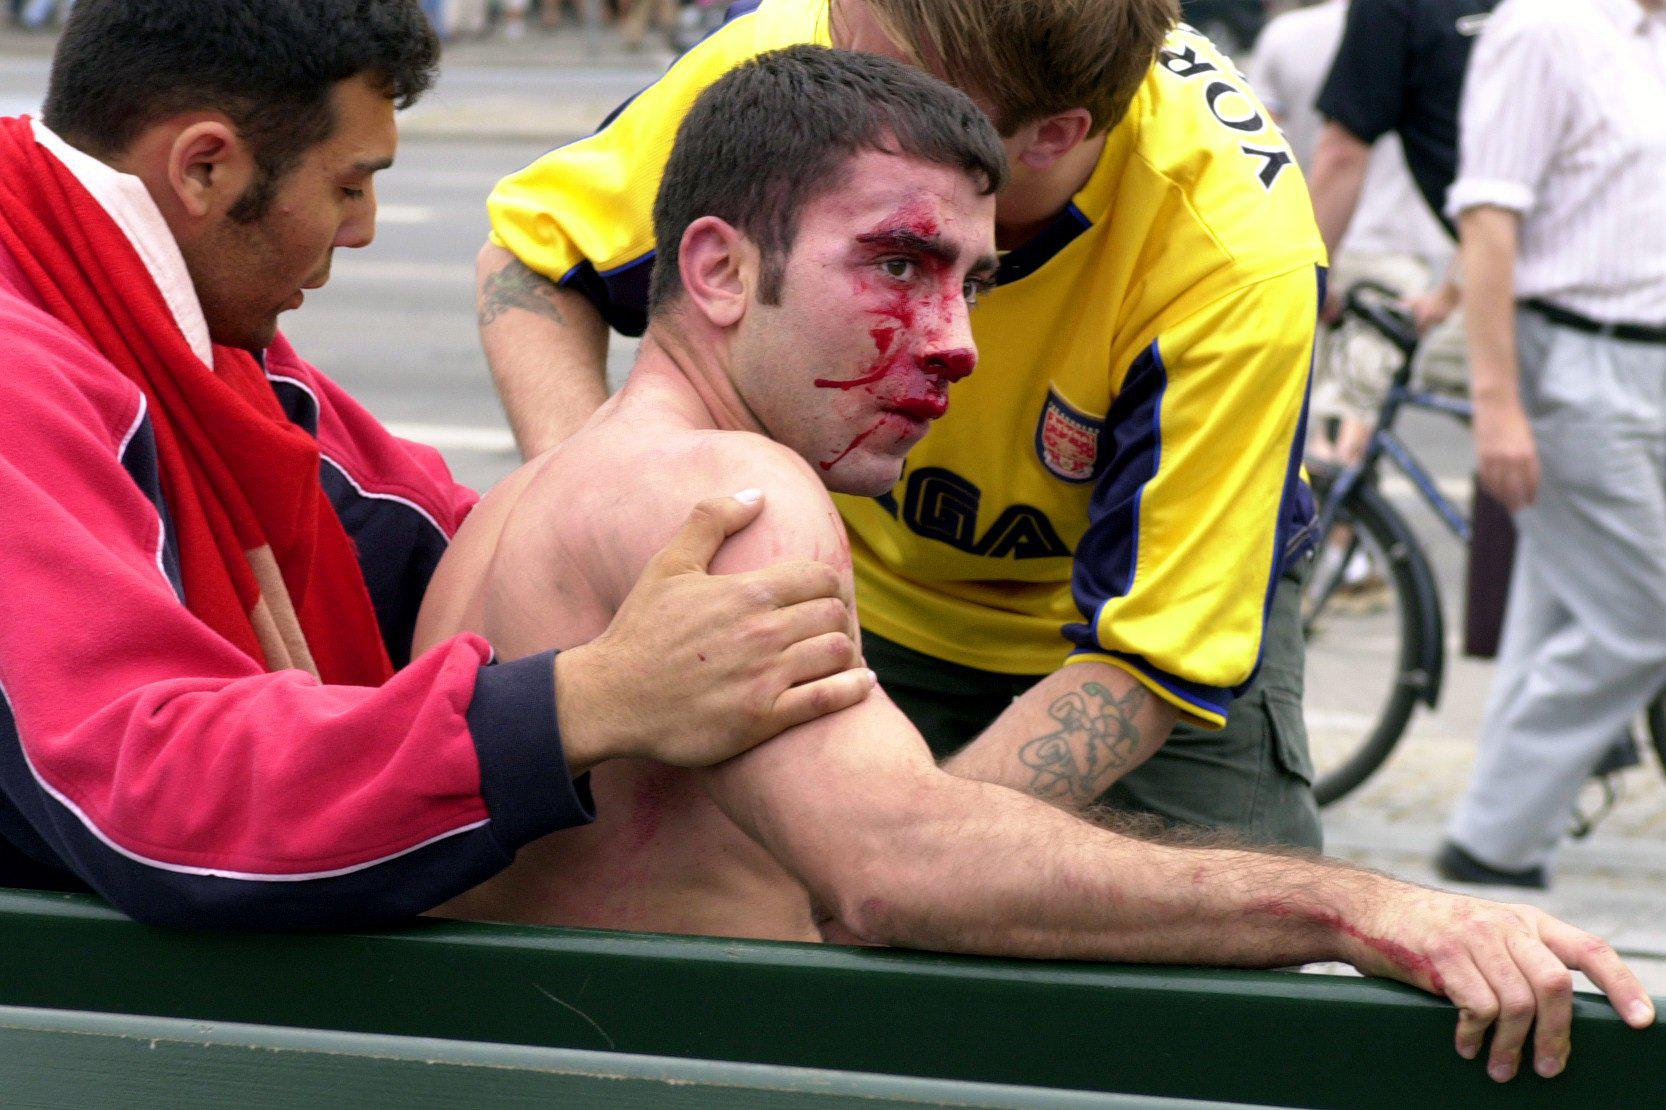 A bloodied Arsenal fan in Copenhagen before the final